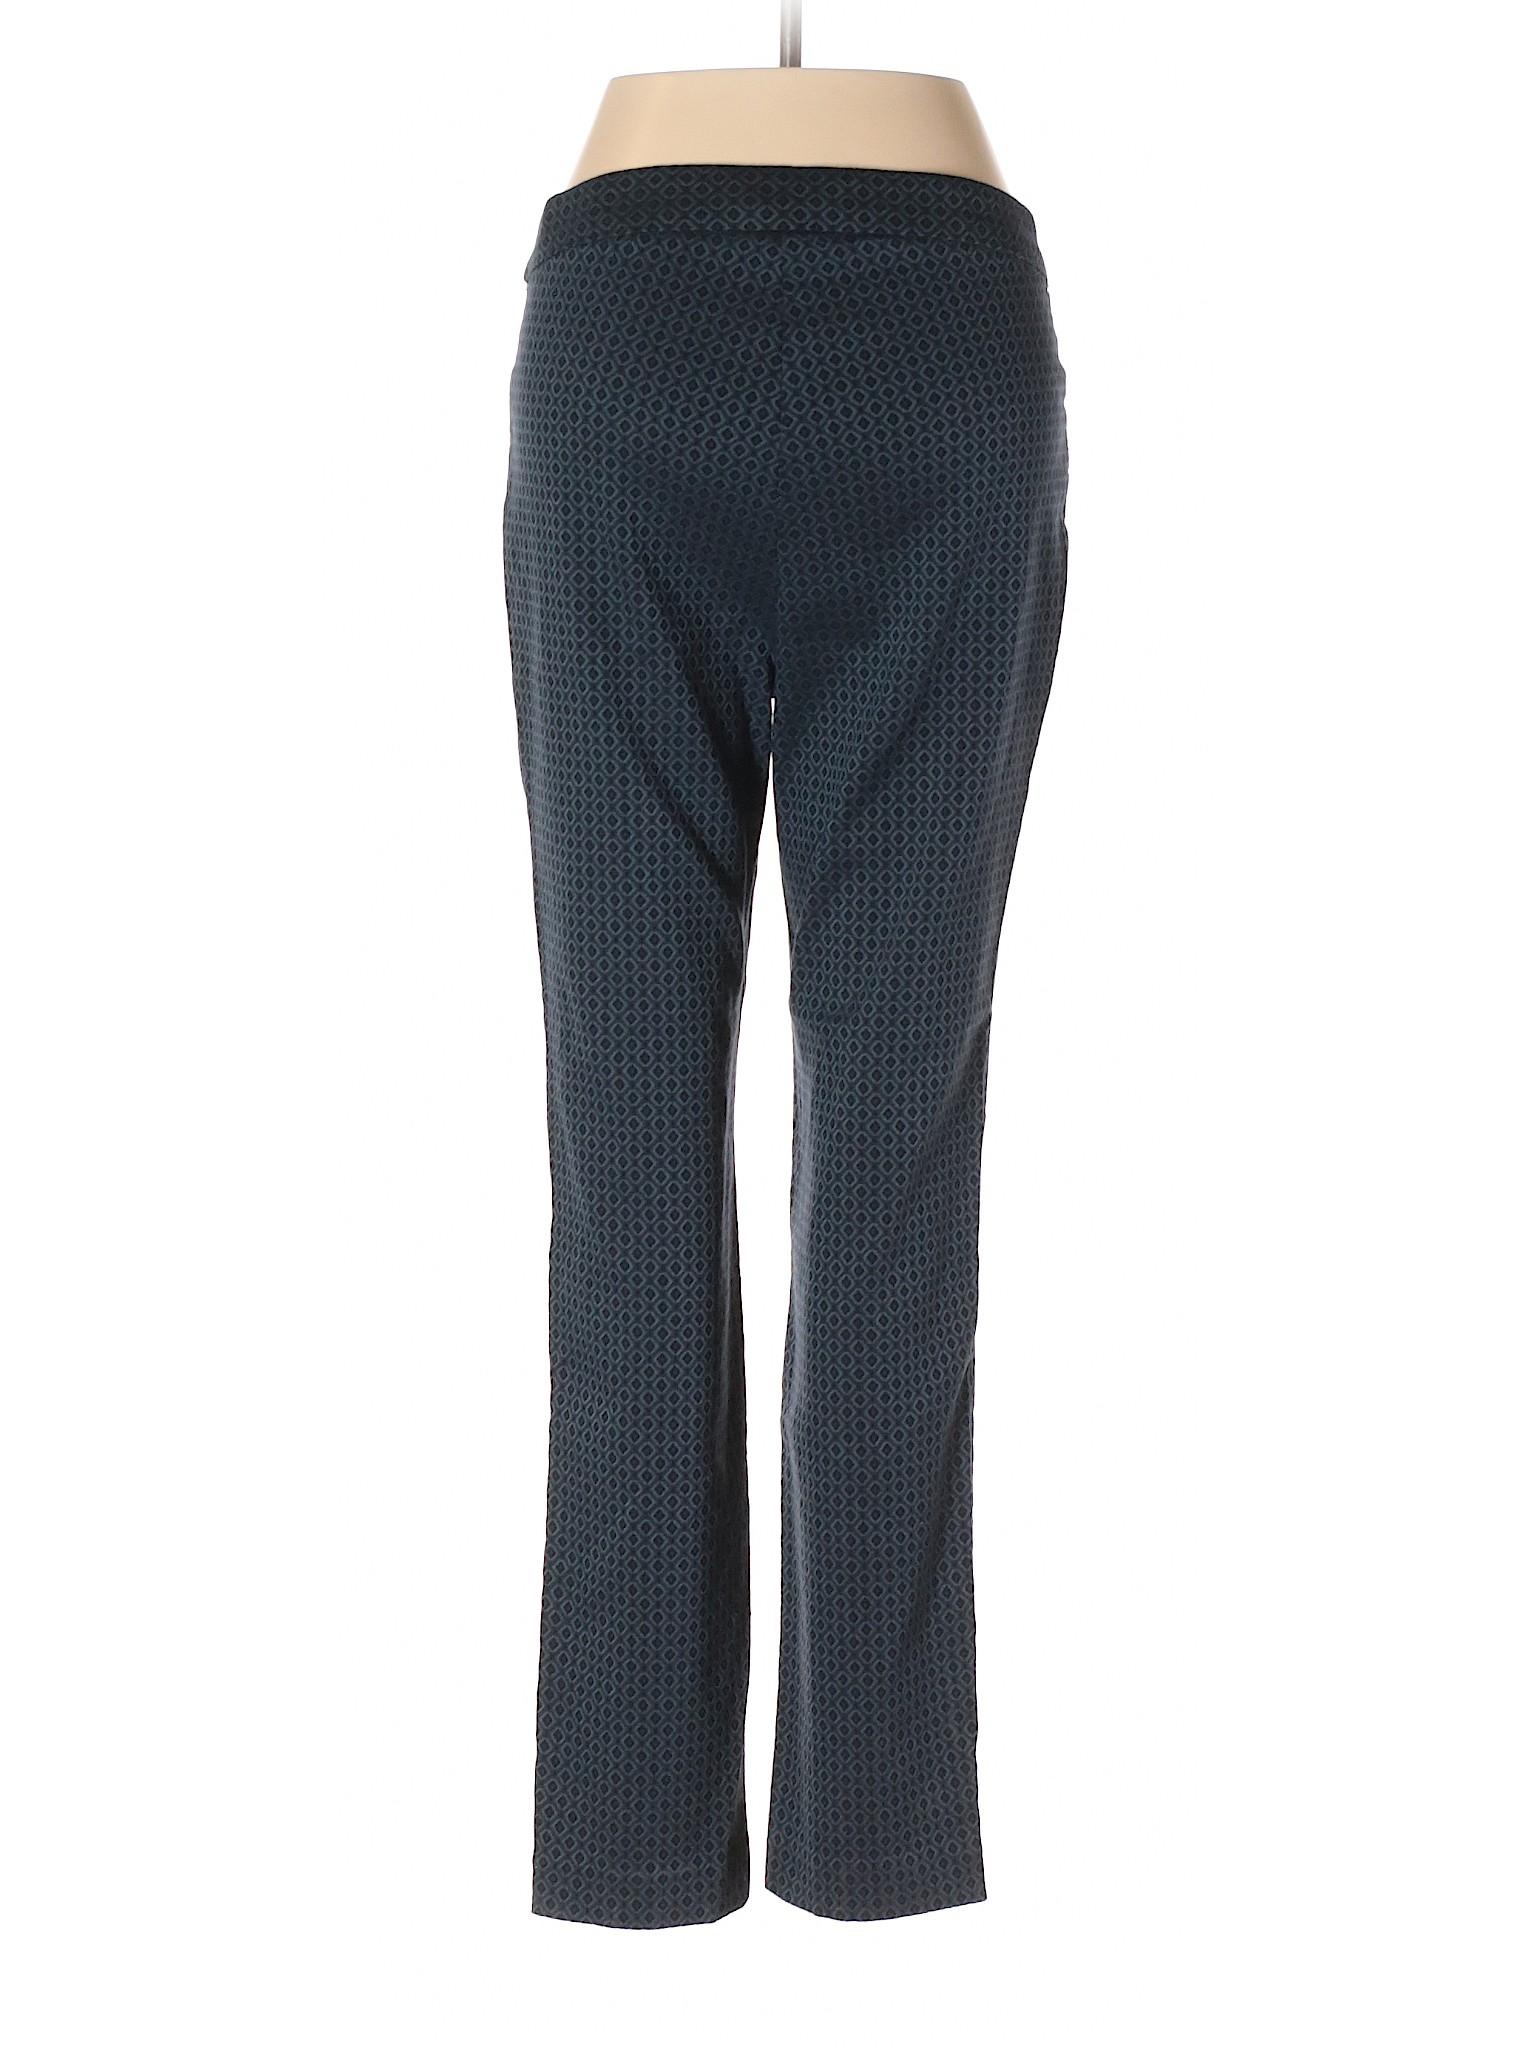 Boutique Dress winter Madison amp; 89th Pants rTwqrzvI